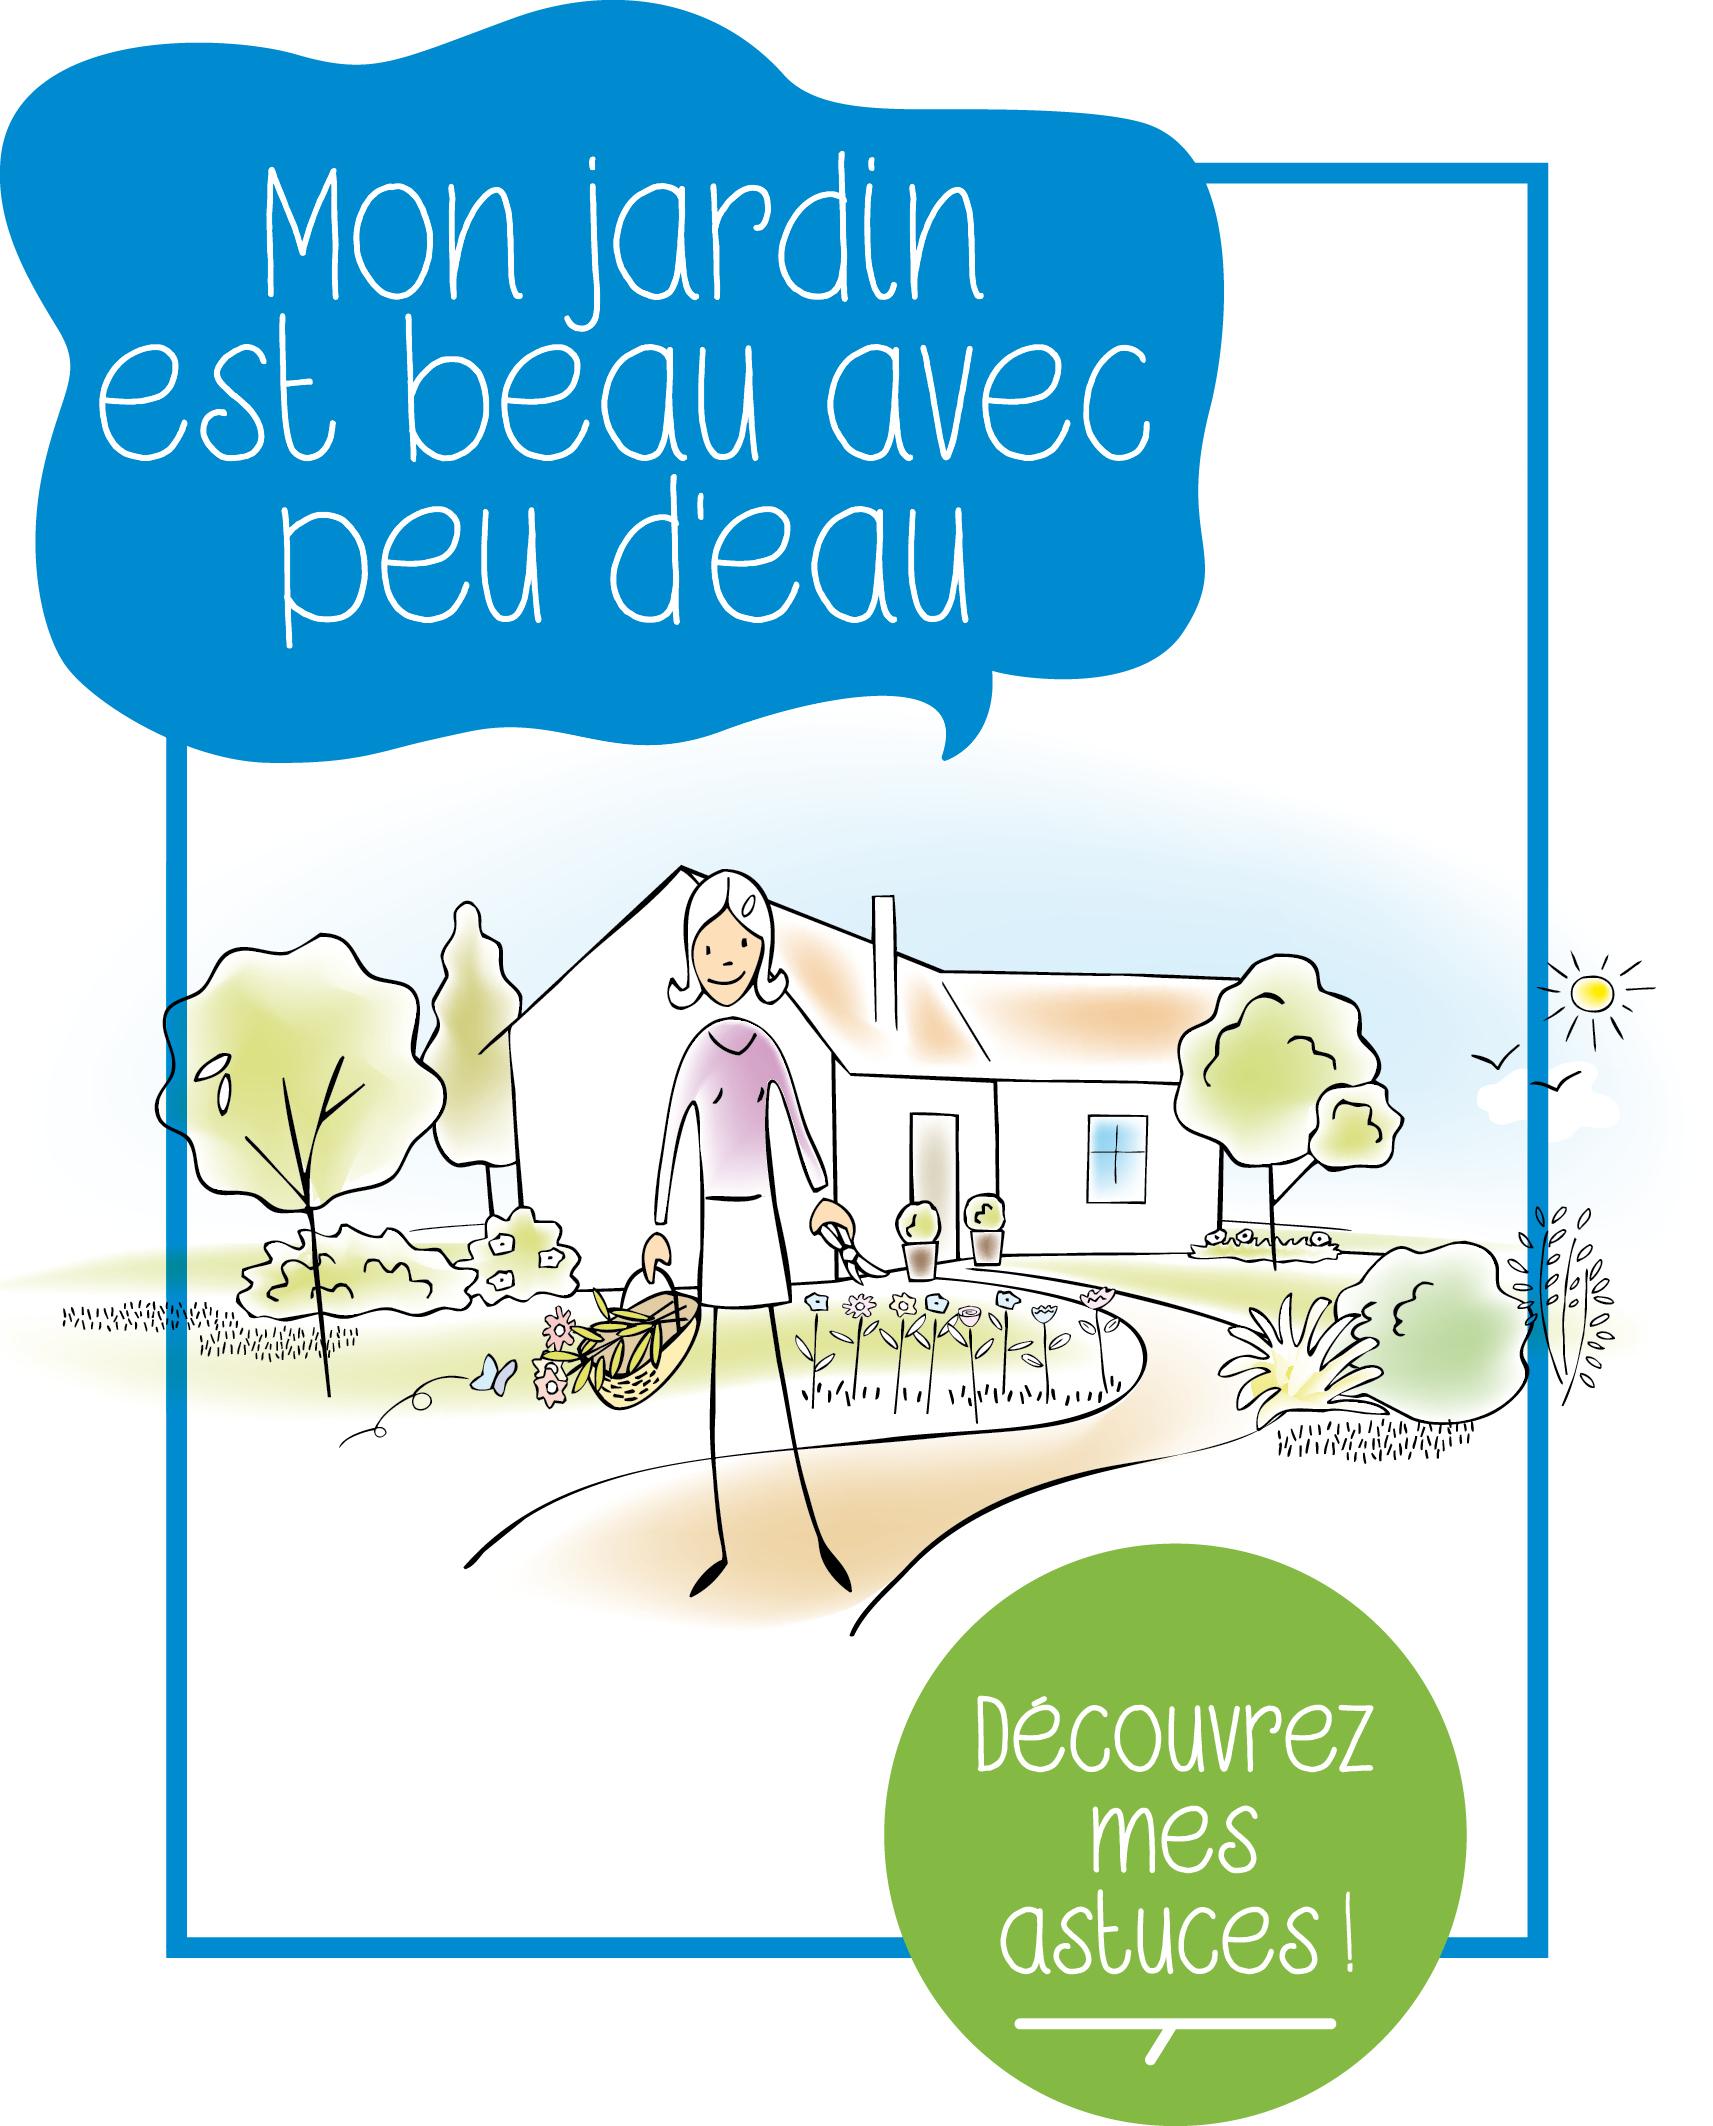 astuces-eau-vie-agis-v1-copie